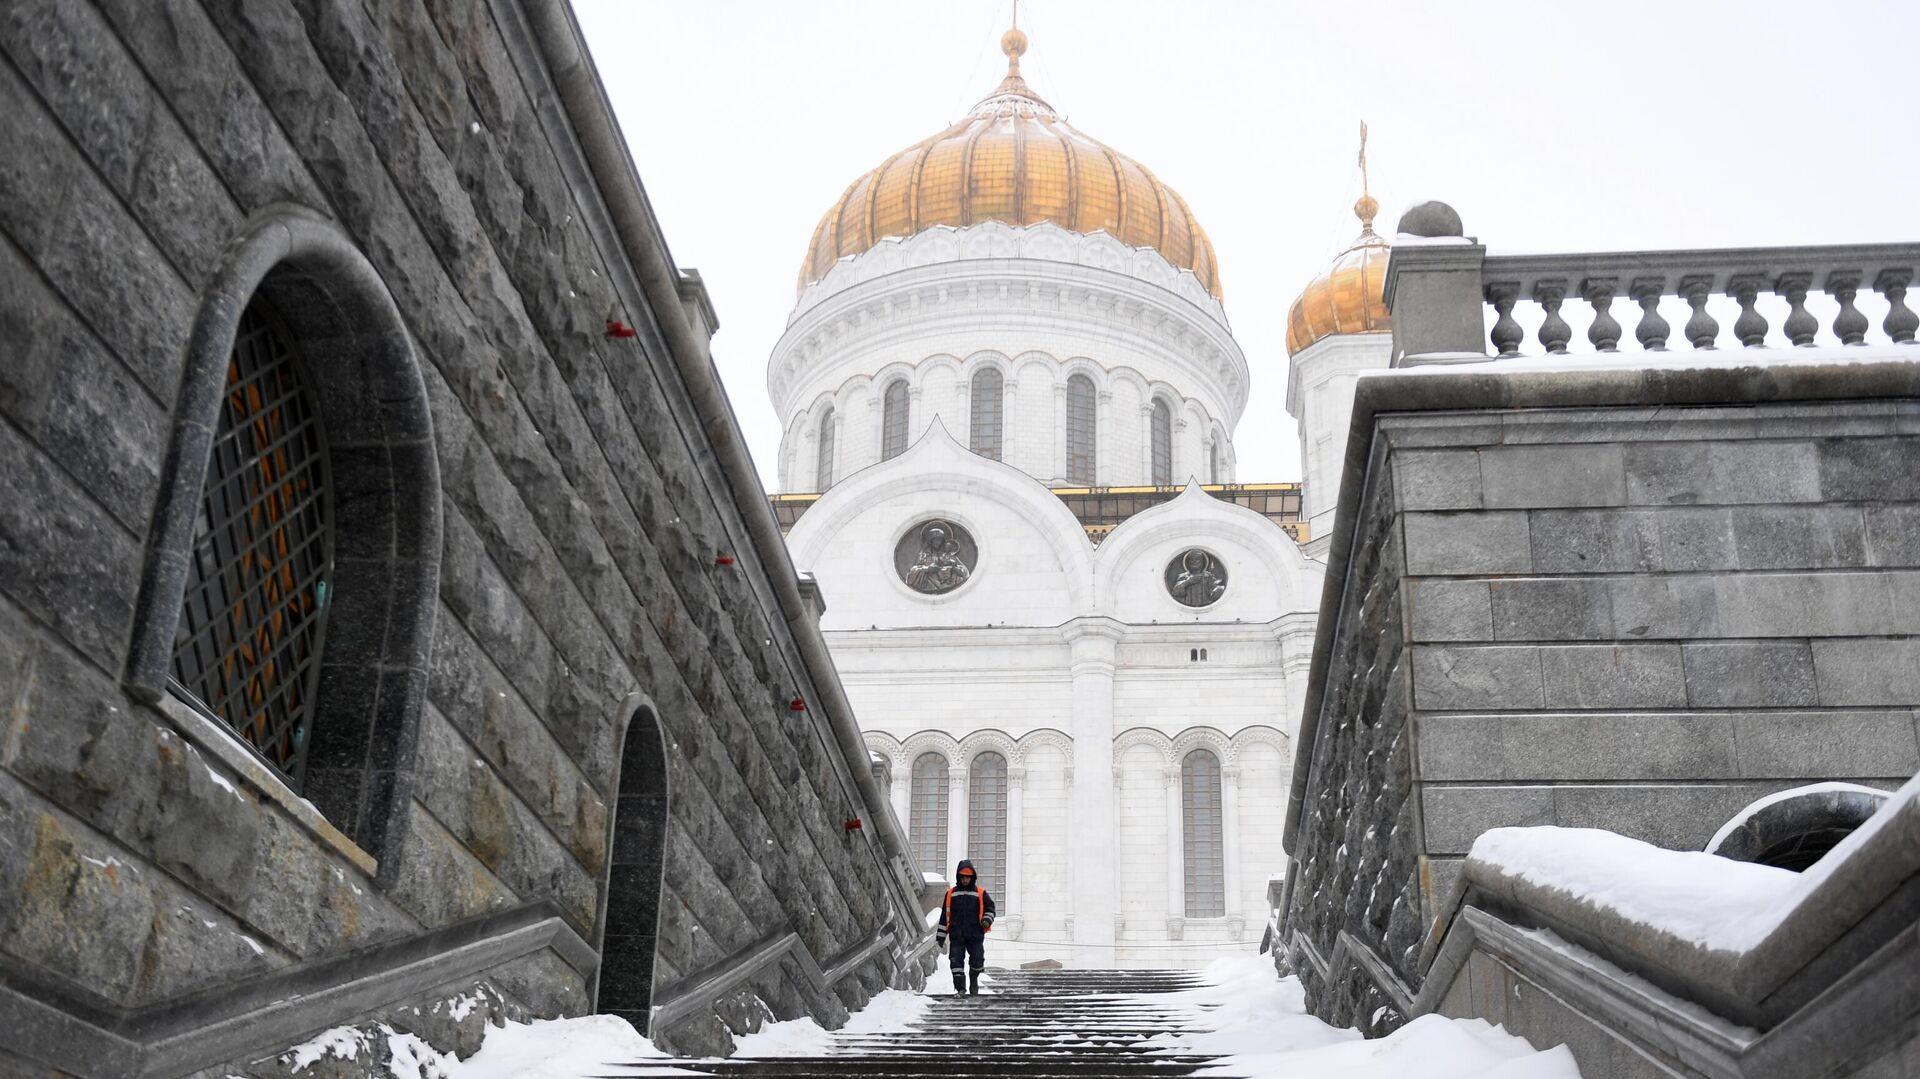 Сотрудник коммунальных служб возле храм Христа Спасителя в Москве - РИА Новости, 1920, 04.03.2021